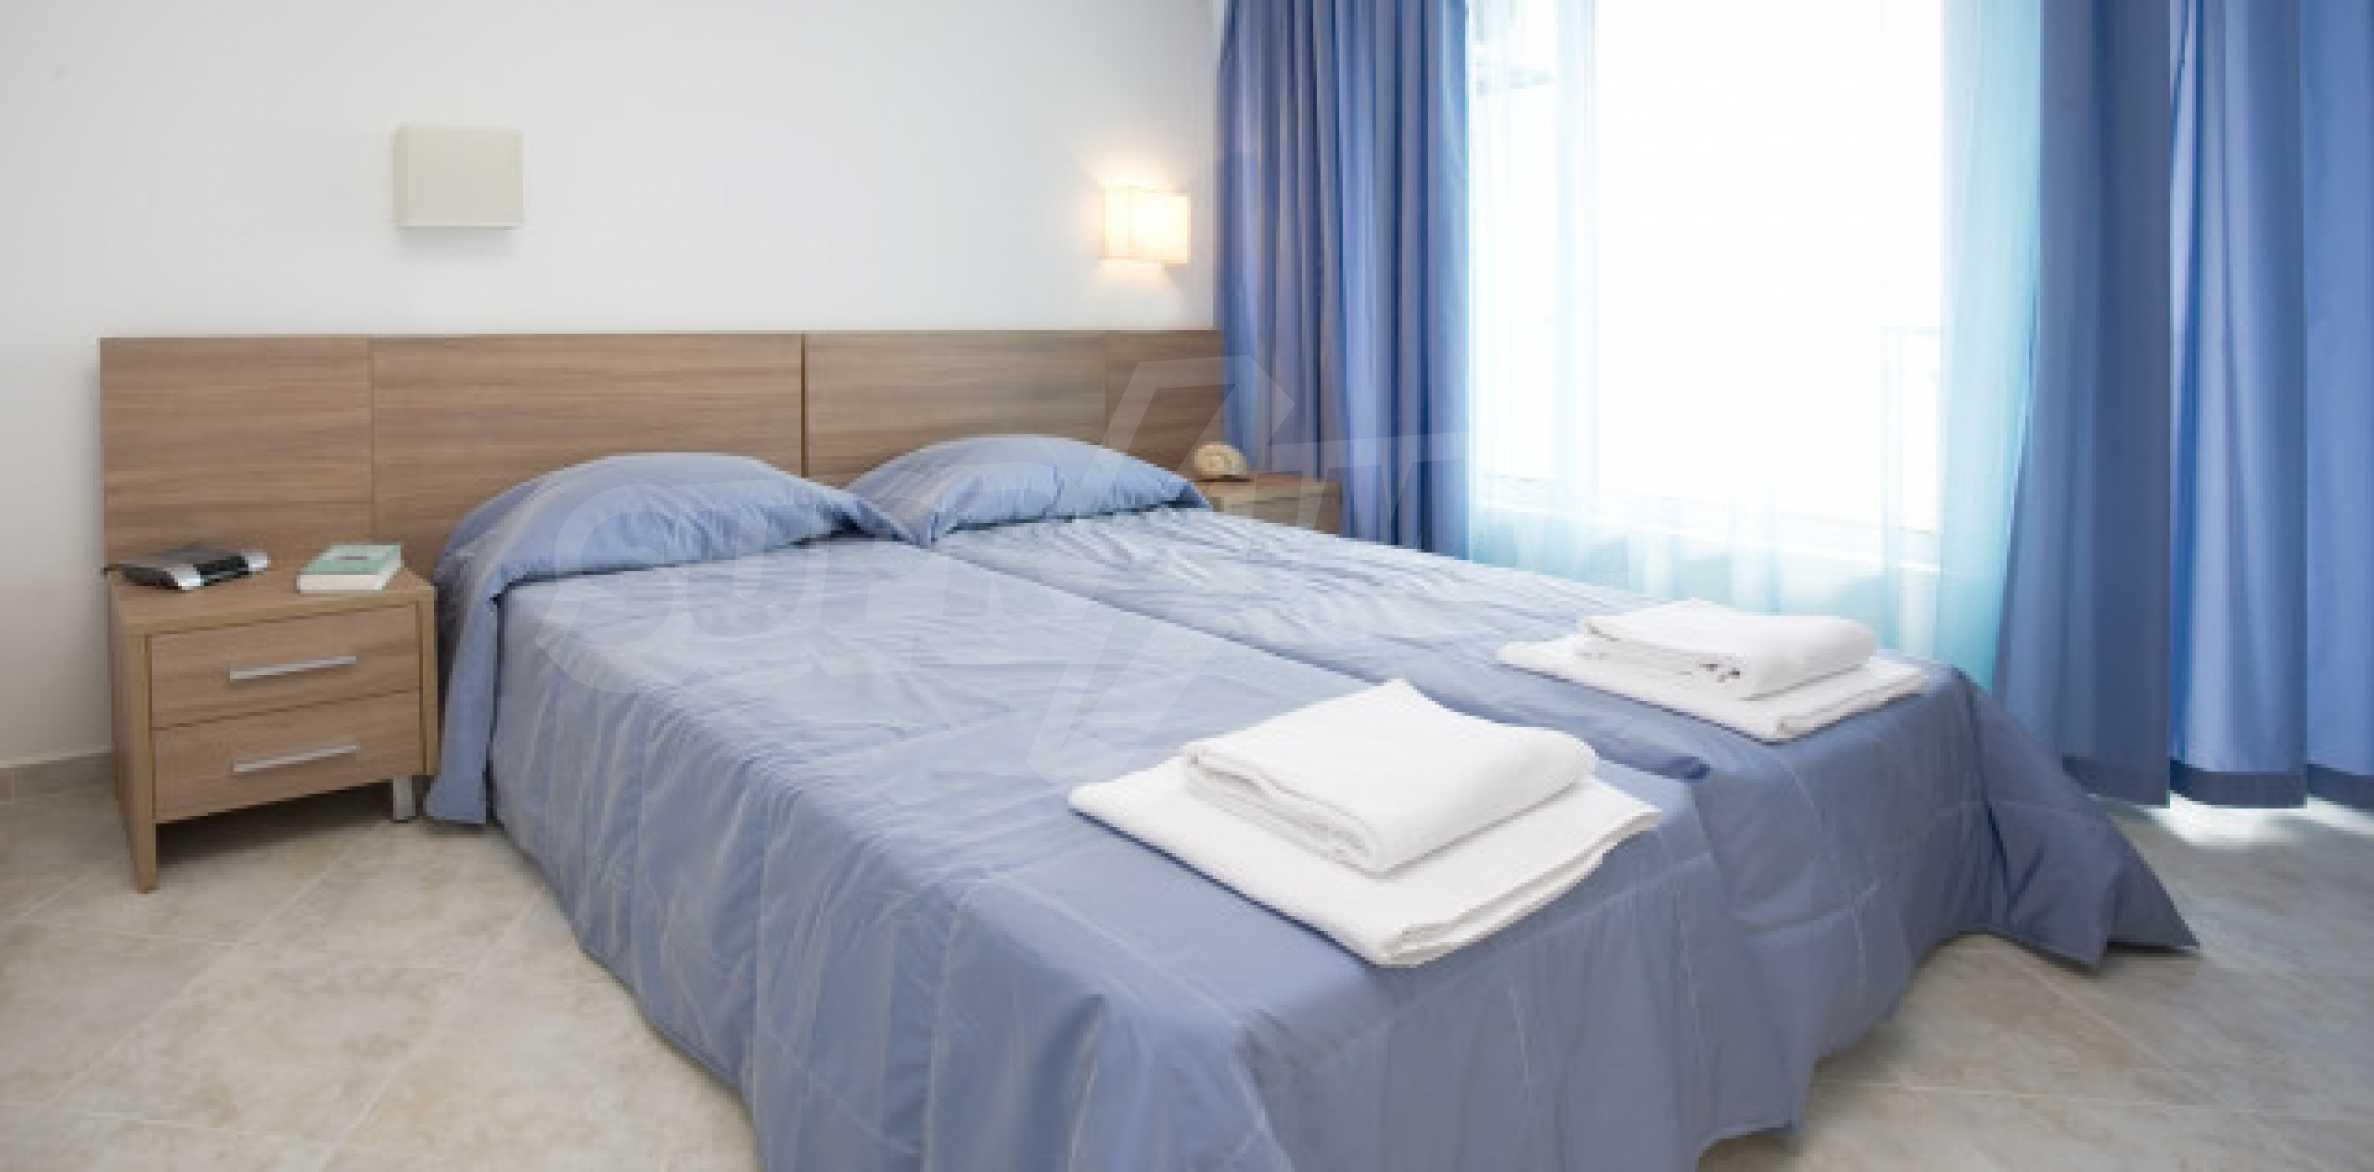 Sunset Kosharitsa - Apartments in einem attraktiven Berg- und Seekomplex, 5 Autominuten vom Sonnenstrand entfernt 56